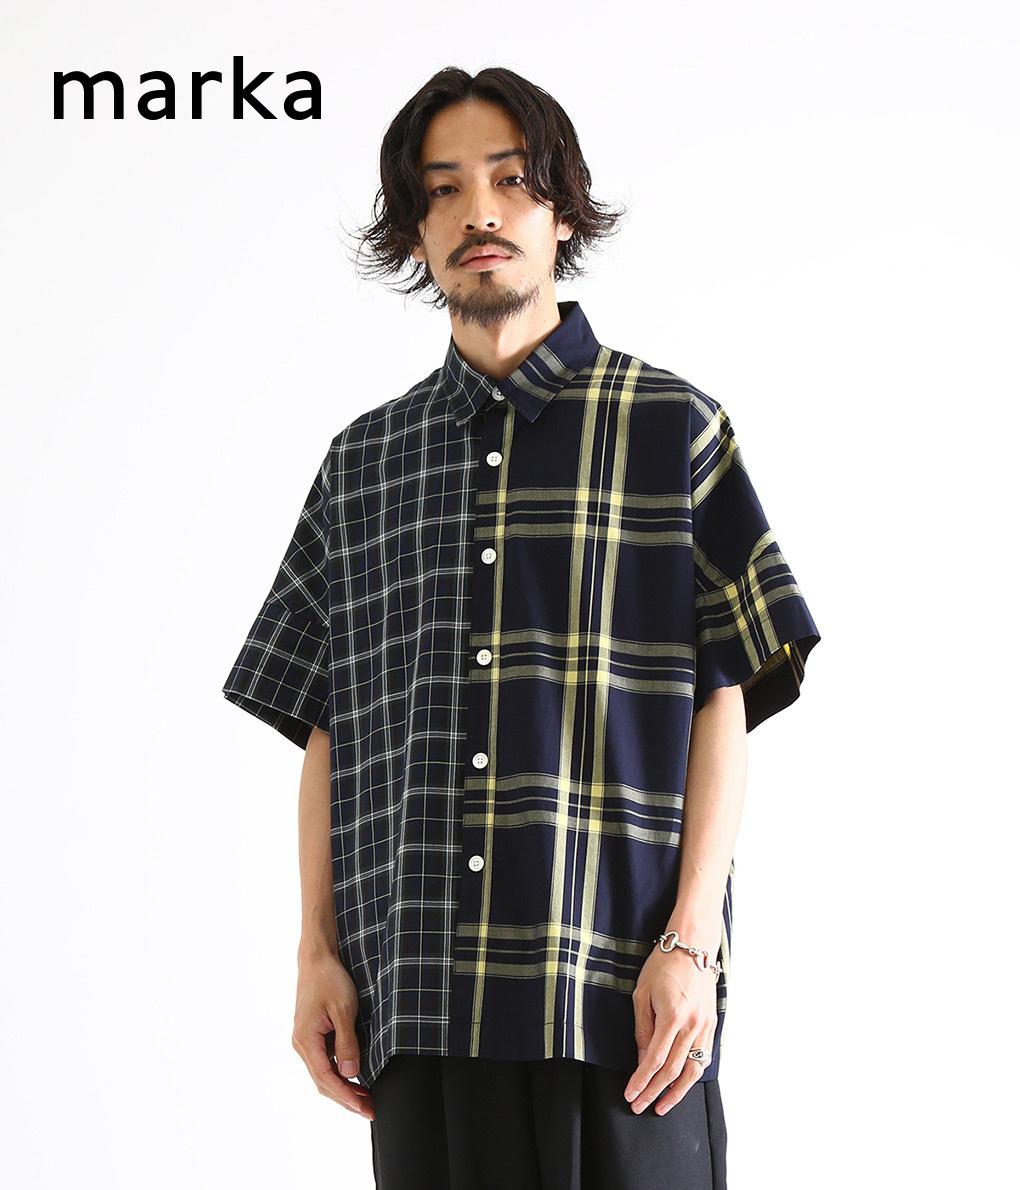 marka / マーカ : WIDE SHIRTS - check×check - : マーカ ワイドシャツ シャツ 半袖シャツ コットン チェック メンズ / 全2色 : M19B-02SH01B 【COR】【WIS】